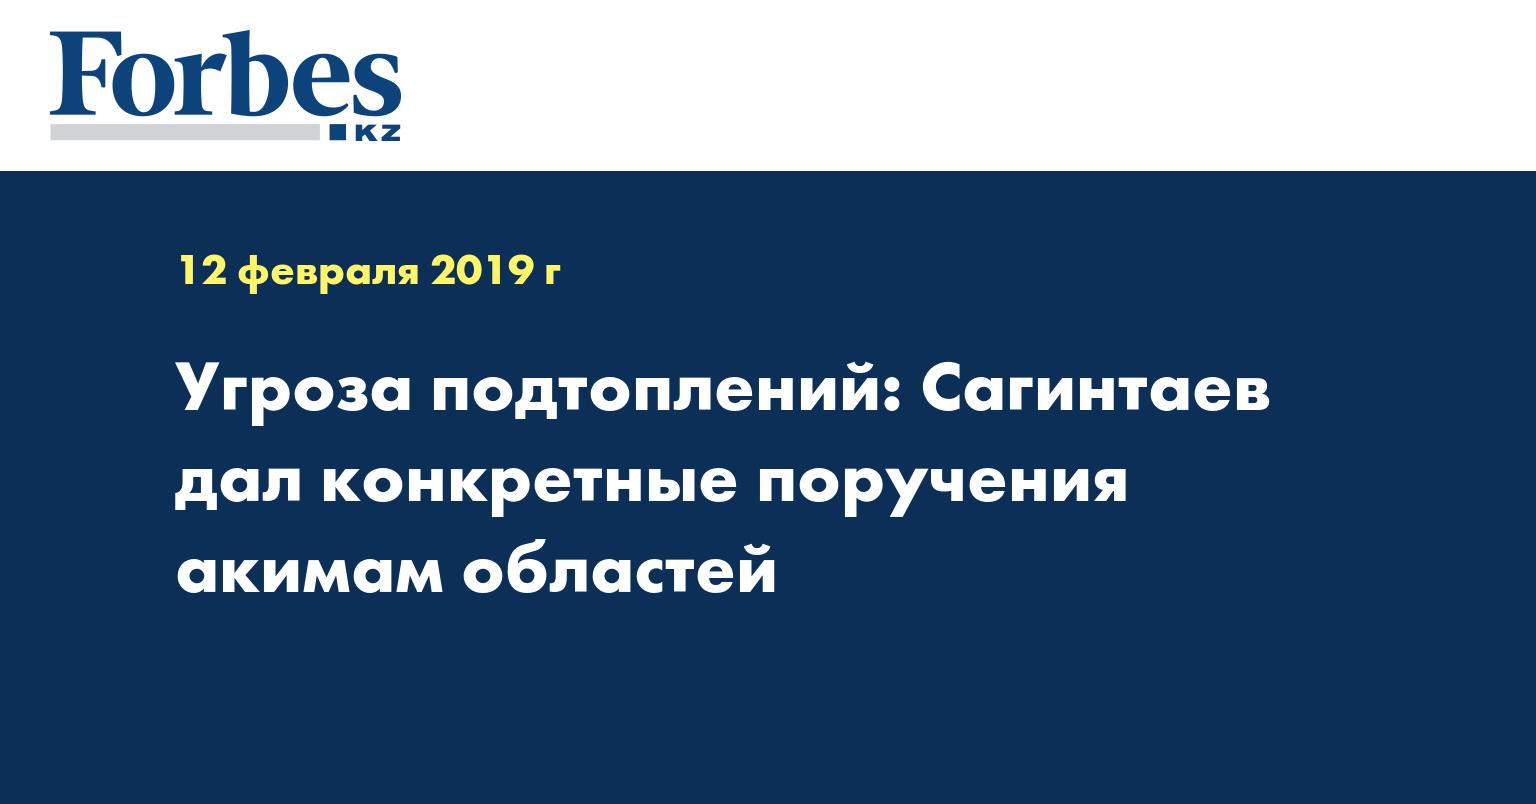 Угроза подтоплений: Сагинтаев дал конкретные поручения акимам областей